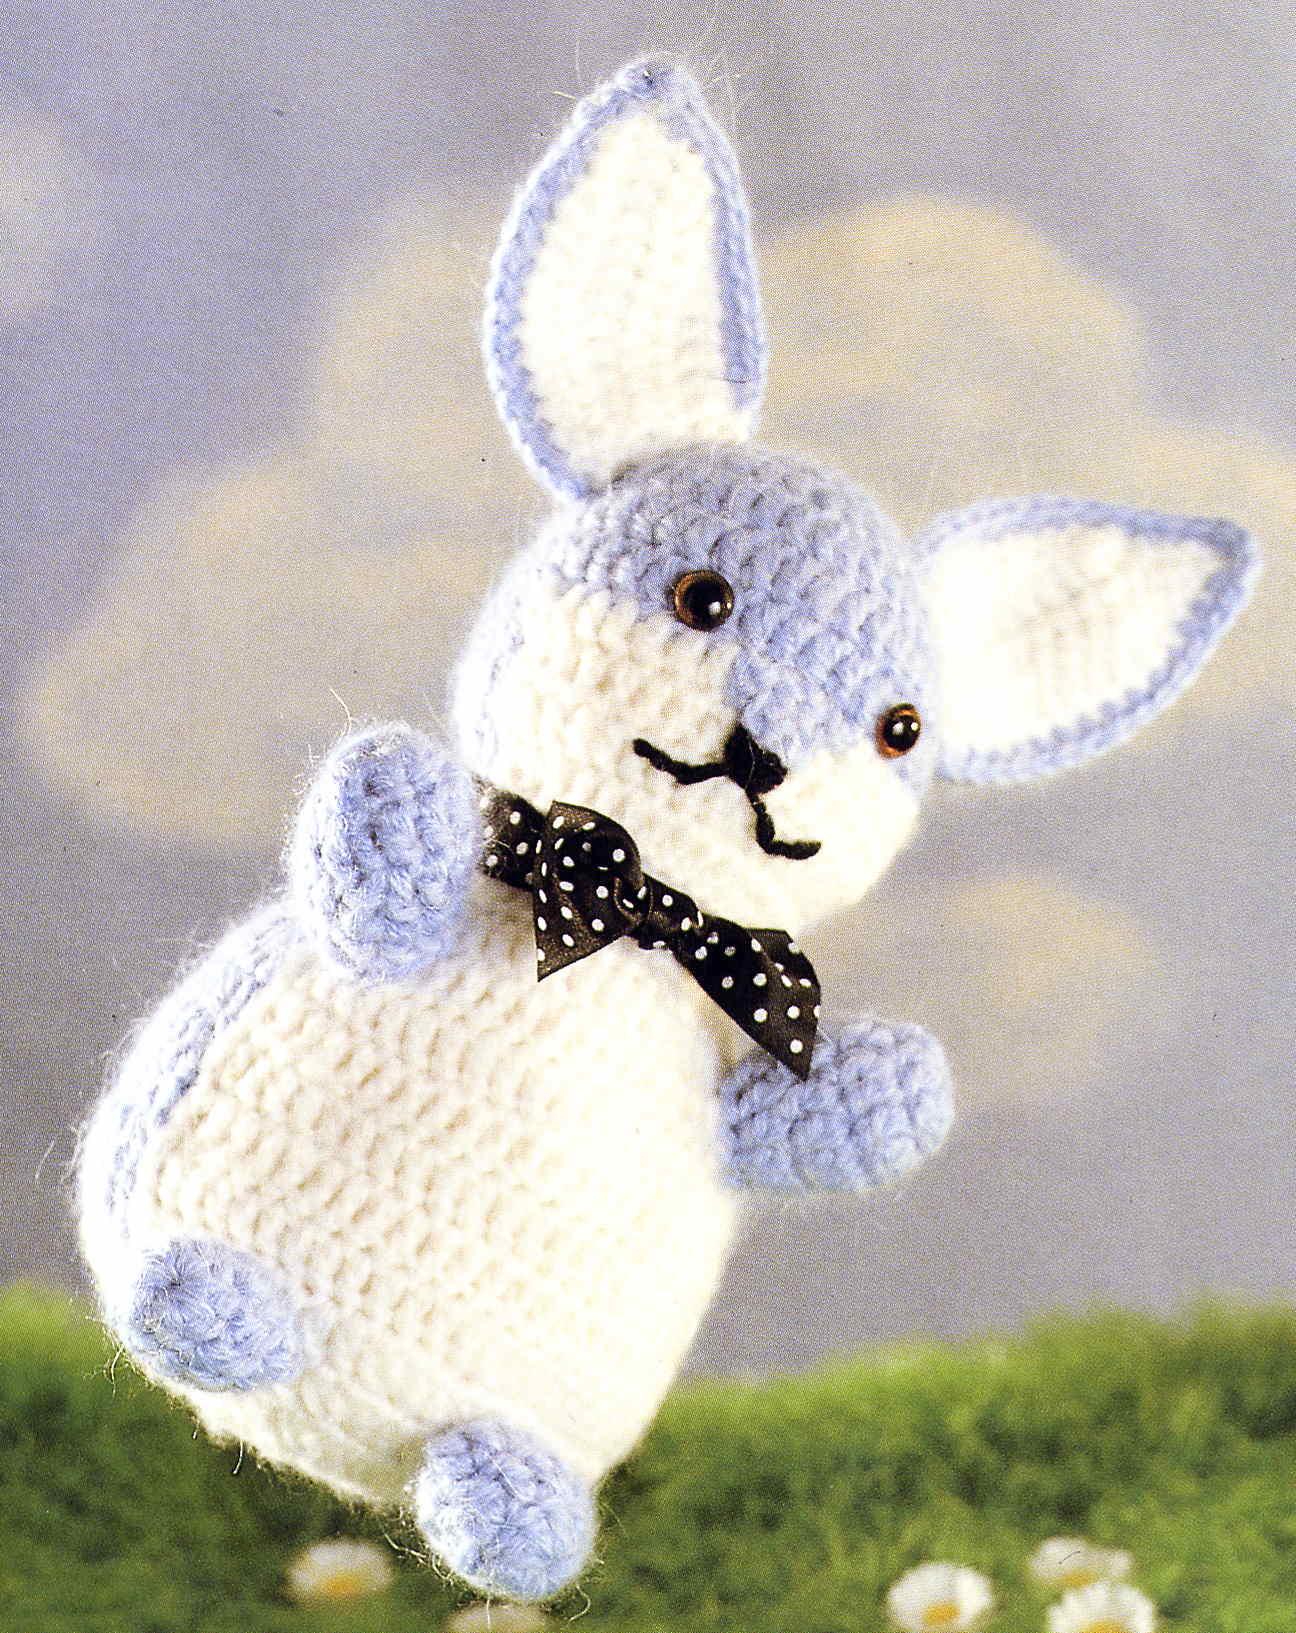 Amigurumi au crochet, petit lapin en coton, le cadeau idéal pour ... | 1633x1296